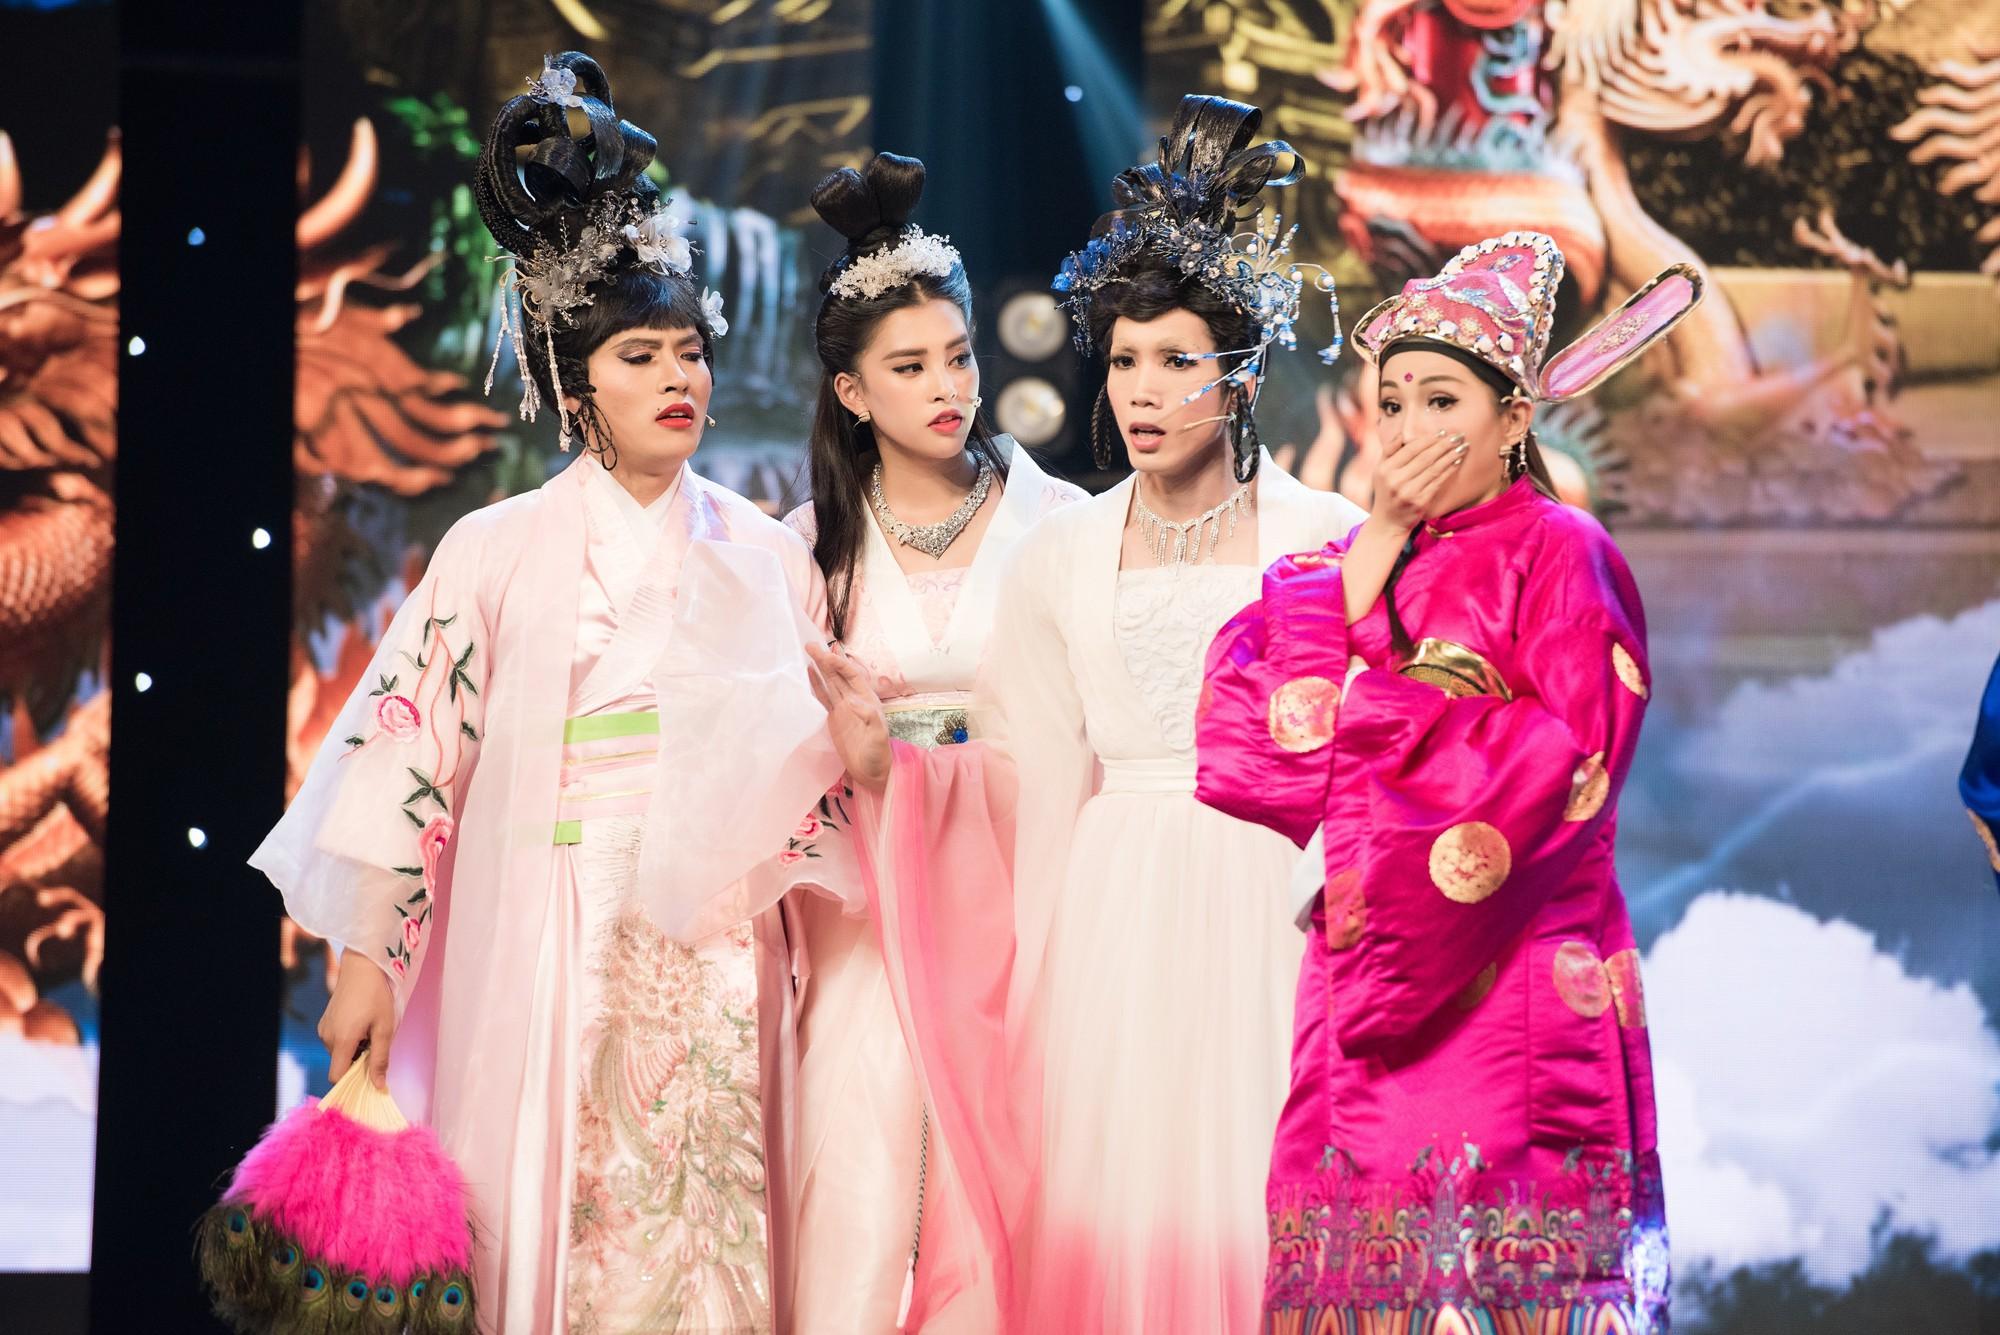 Hoa hậu Tiểu Vy lần đầu thử khả năng diễn xuất, đóng Táo 2019 cùng Mr Đàm, Cẩm Ly - Ảnh 5.